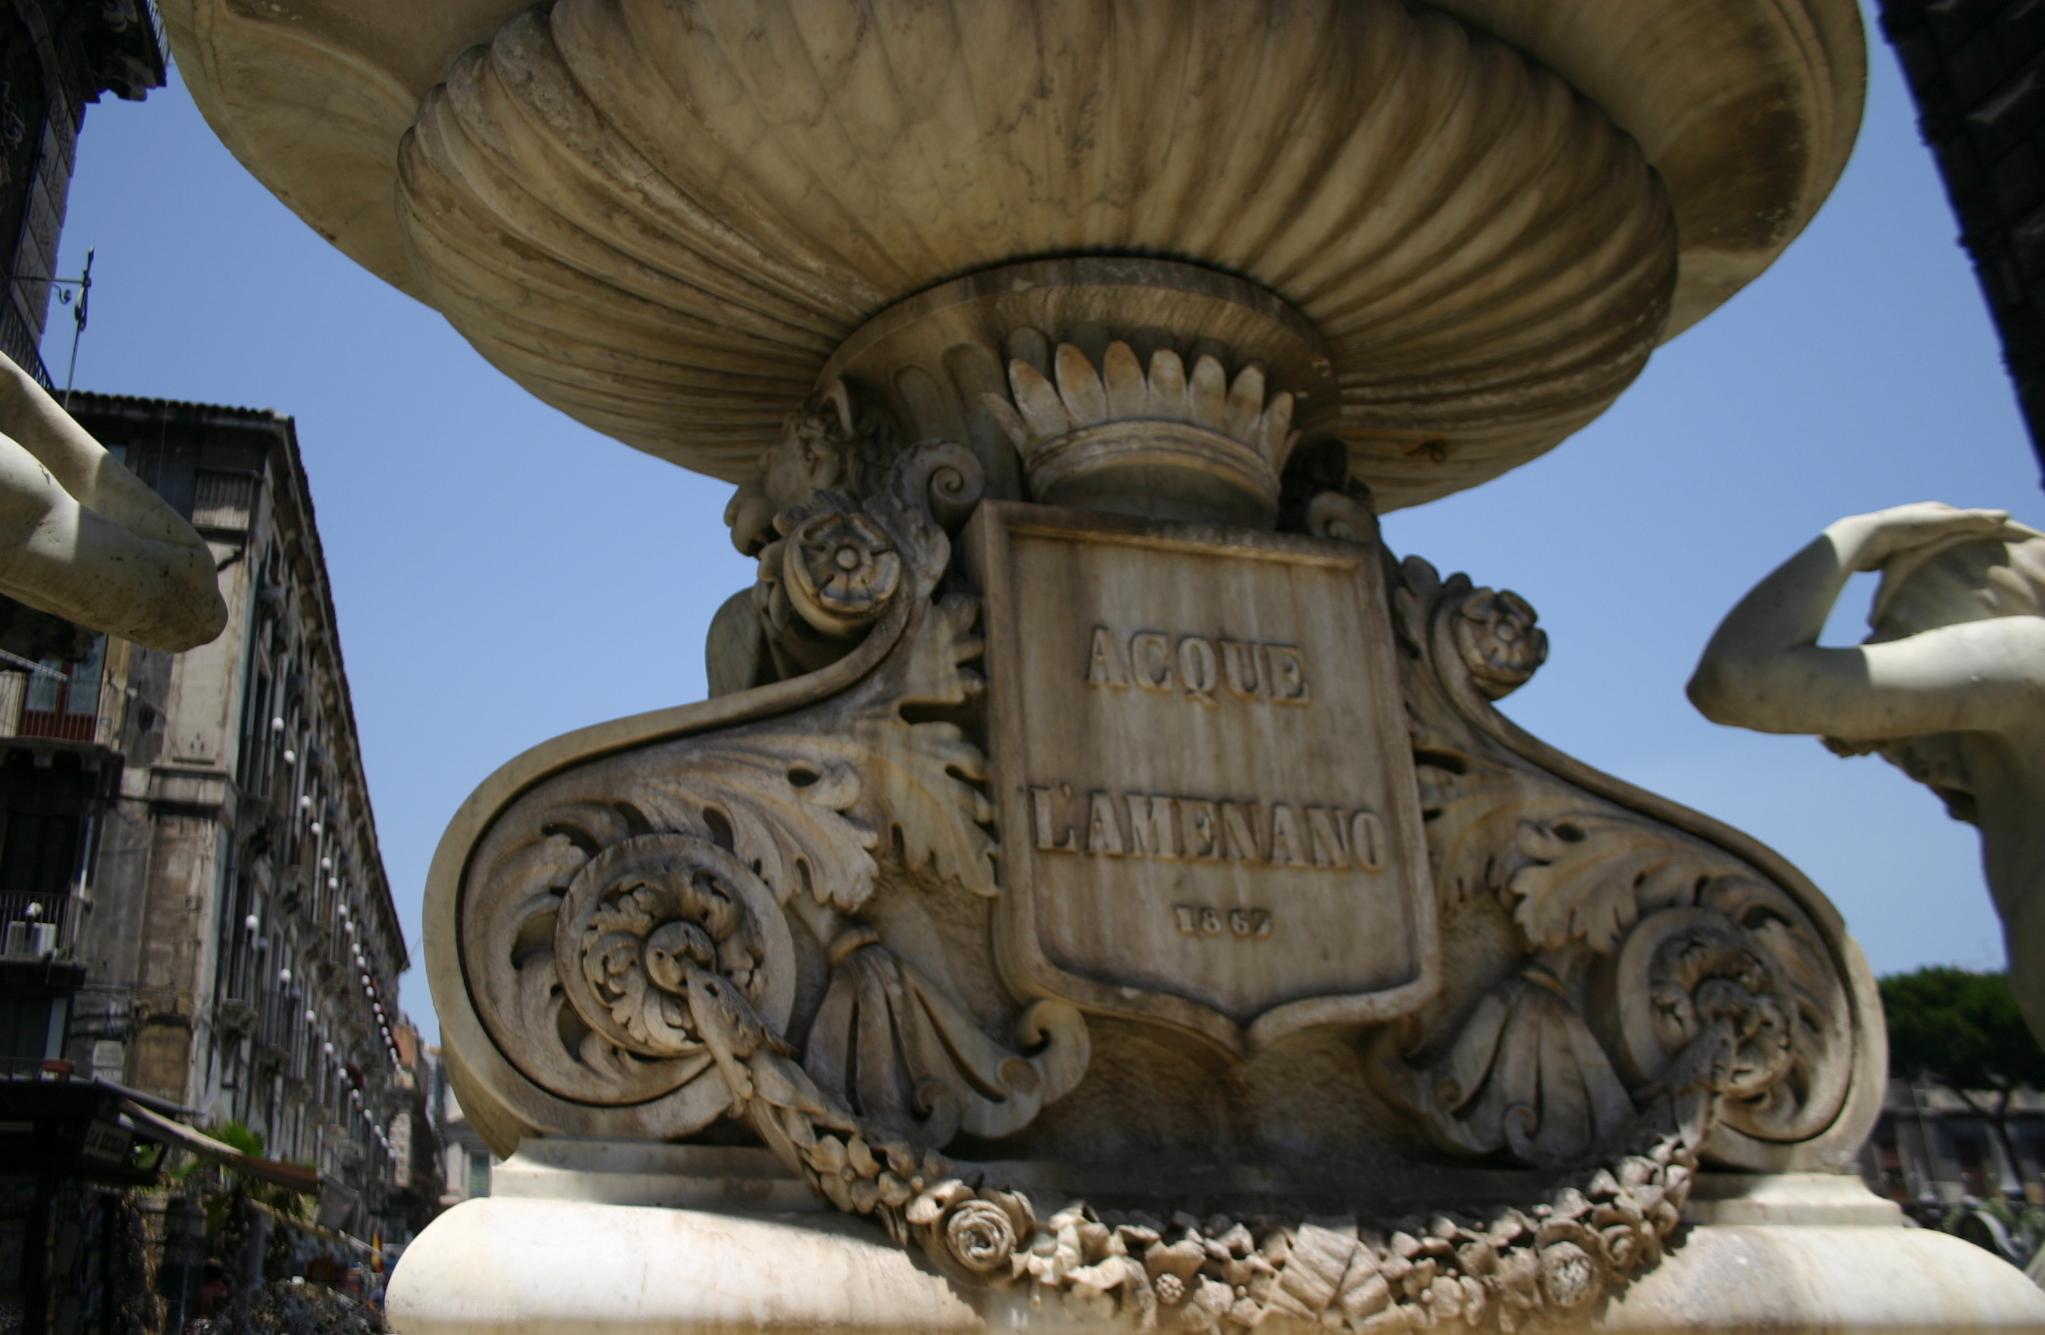 La fontana dell'Amenano a Catania, scolpita da Tito Angelini nel 1867, sul lato della piazza del Duomo. Foto di Giovanni Dall'Orto